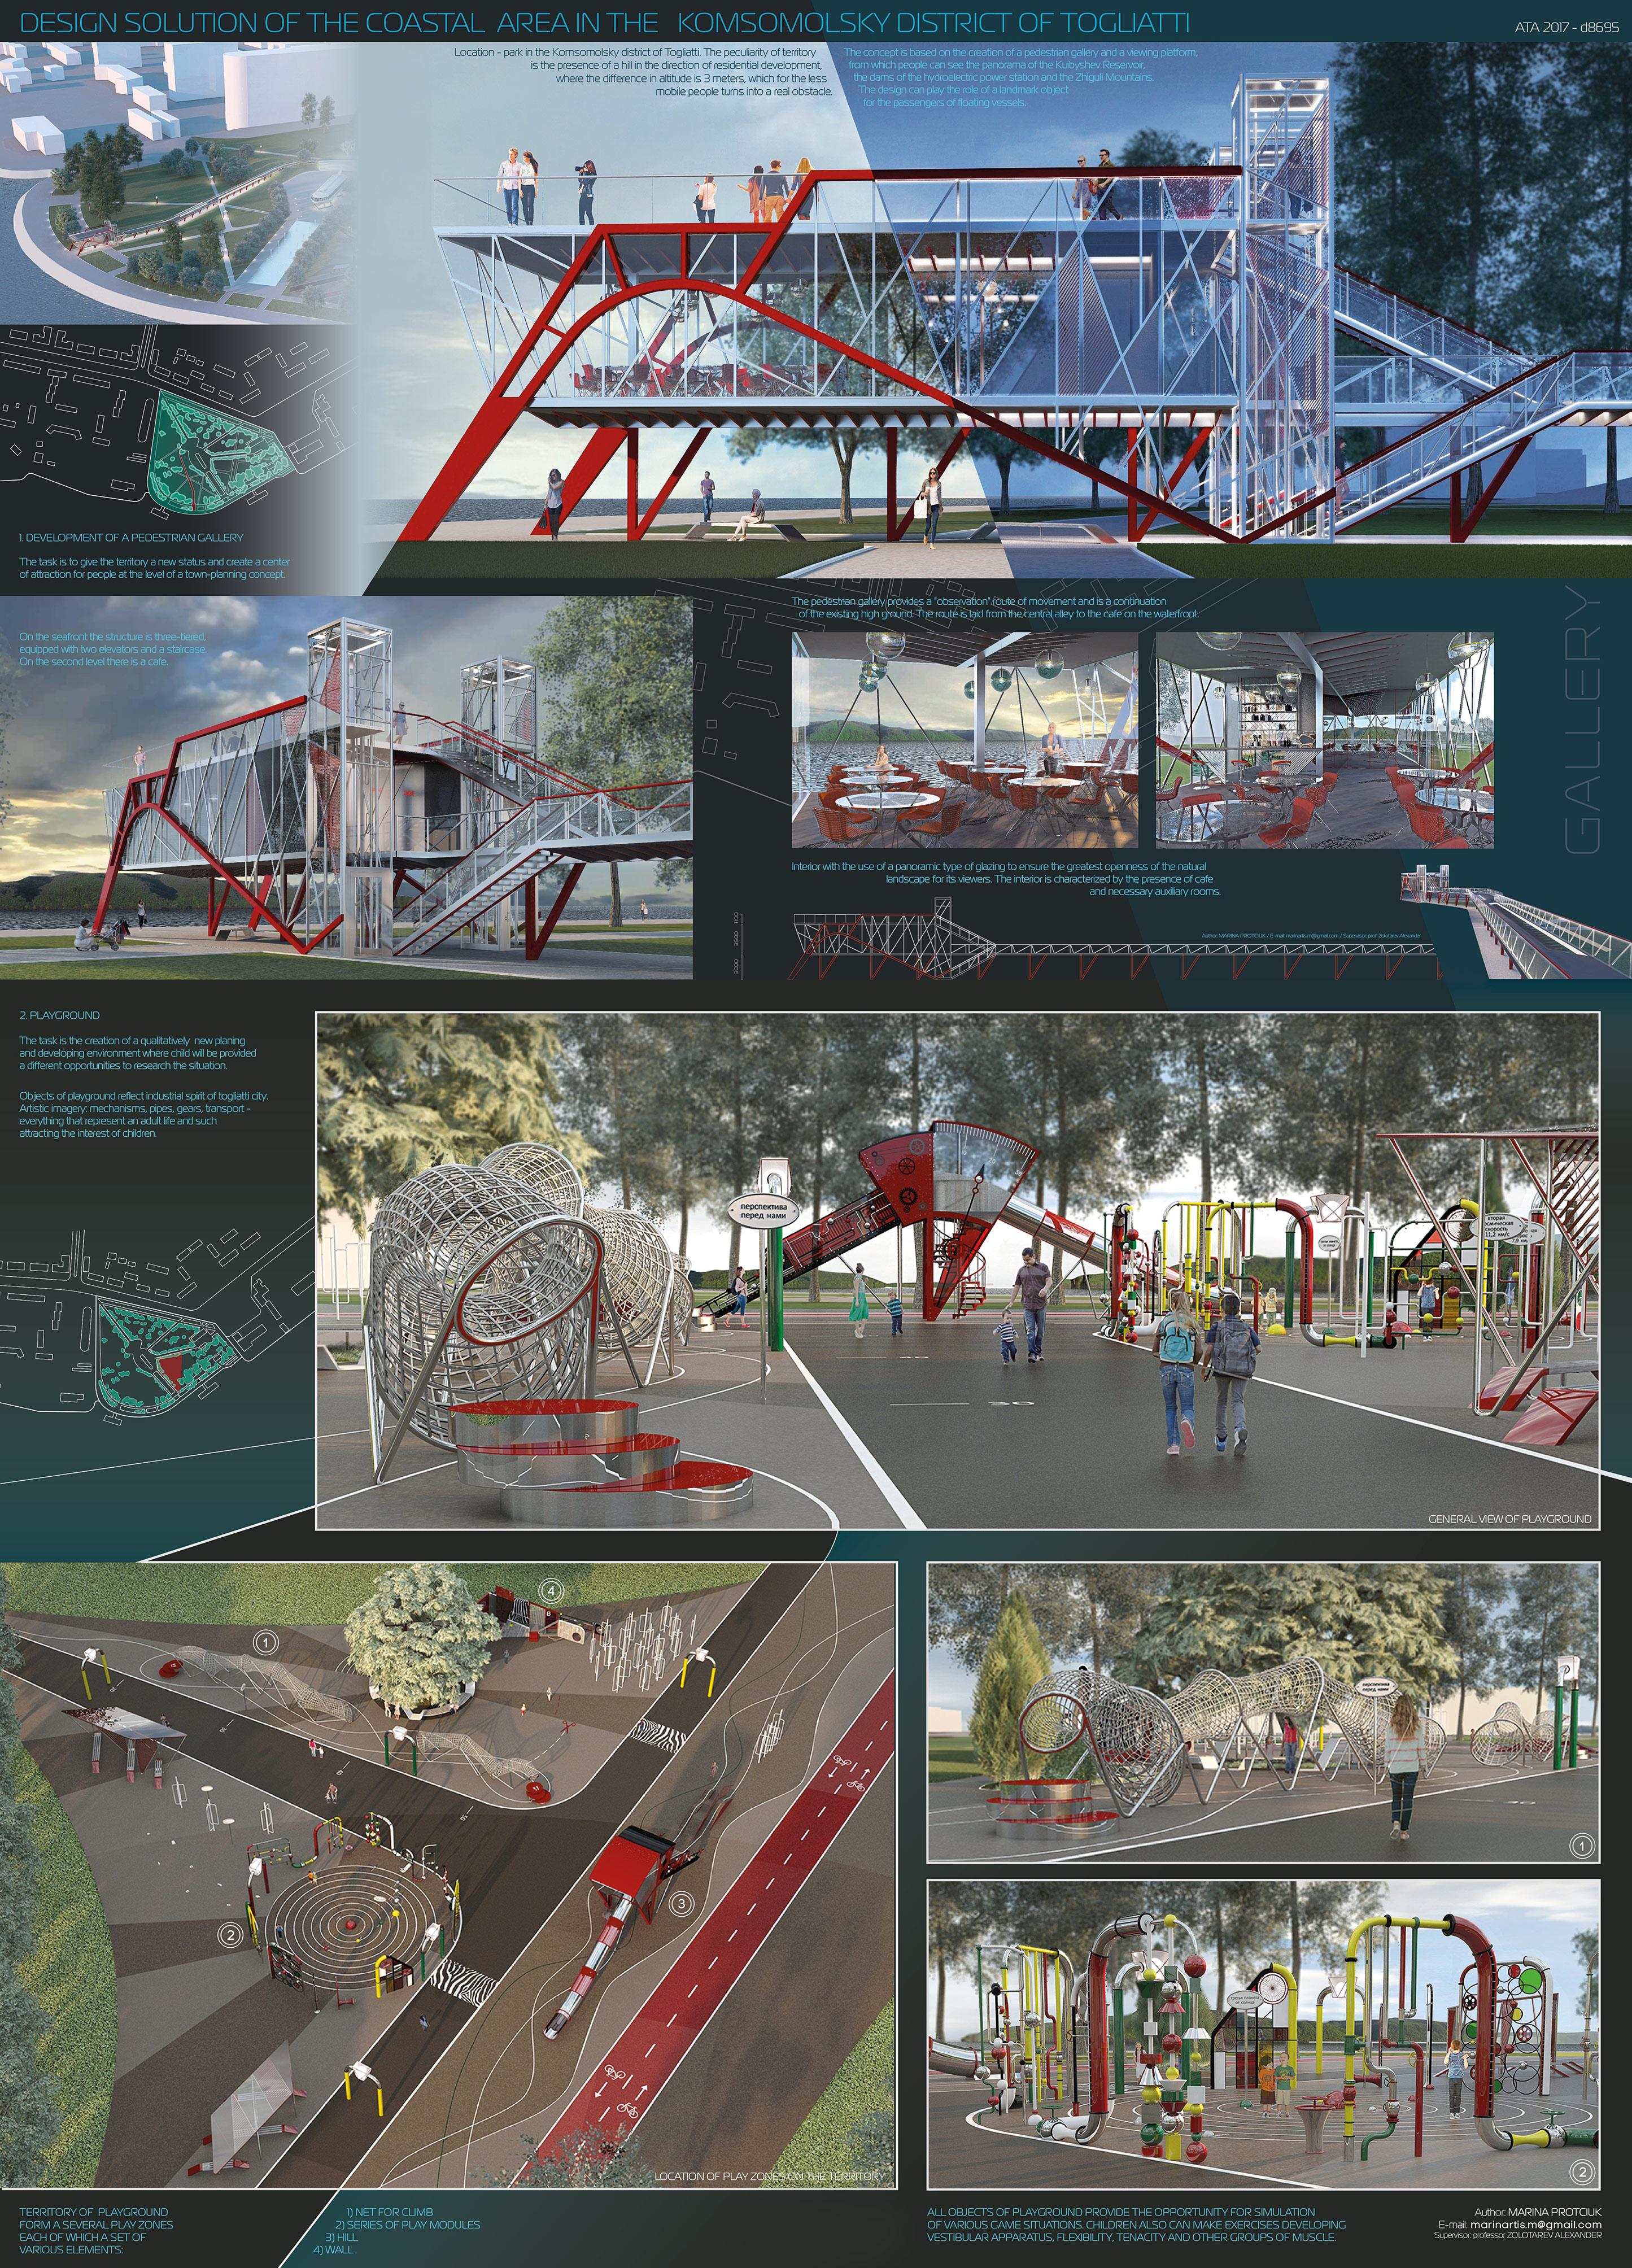 Design solution of the coastal area in the Komsomolsky district of Togliatti Board